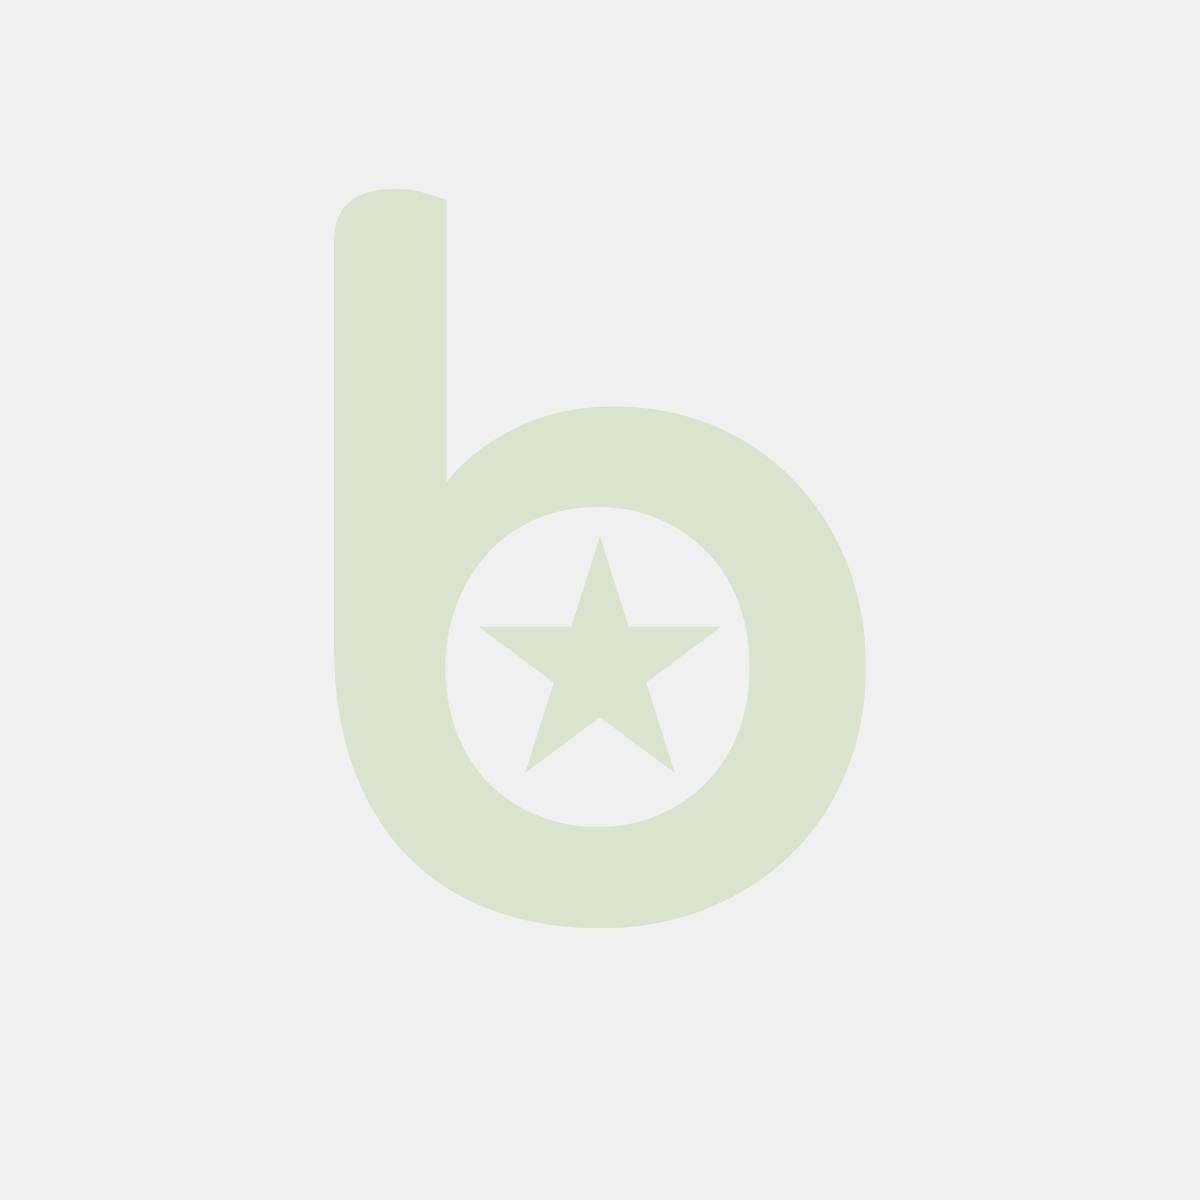 Pióro kulkowe SCHNEIDER Breeze NEON, M, białe/czarne + 5 x kartridż, blister